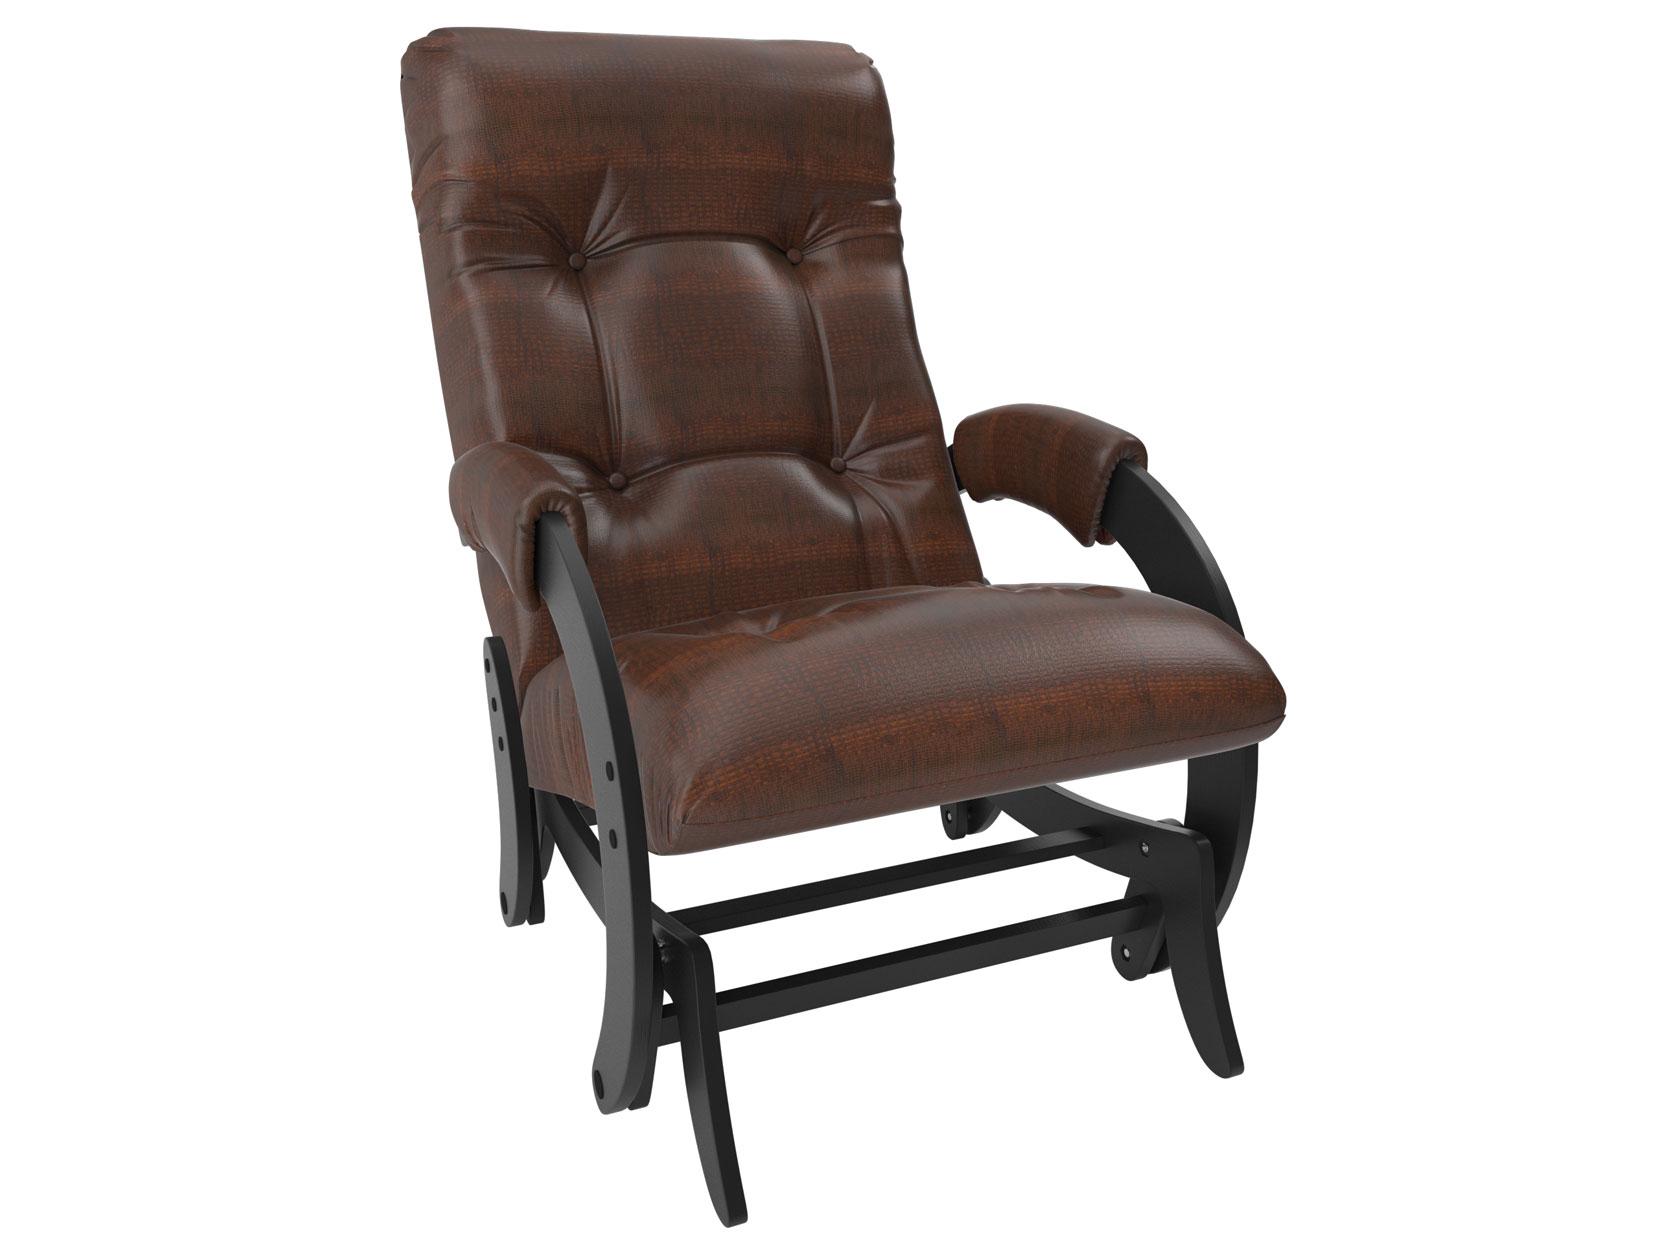 Кресло-глайдер Мебель Импэкс Комфорт Модель 68 венге, Antic Crocodile